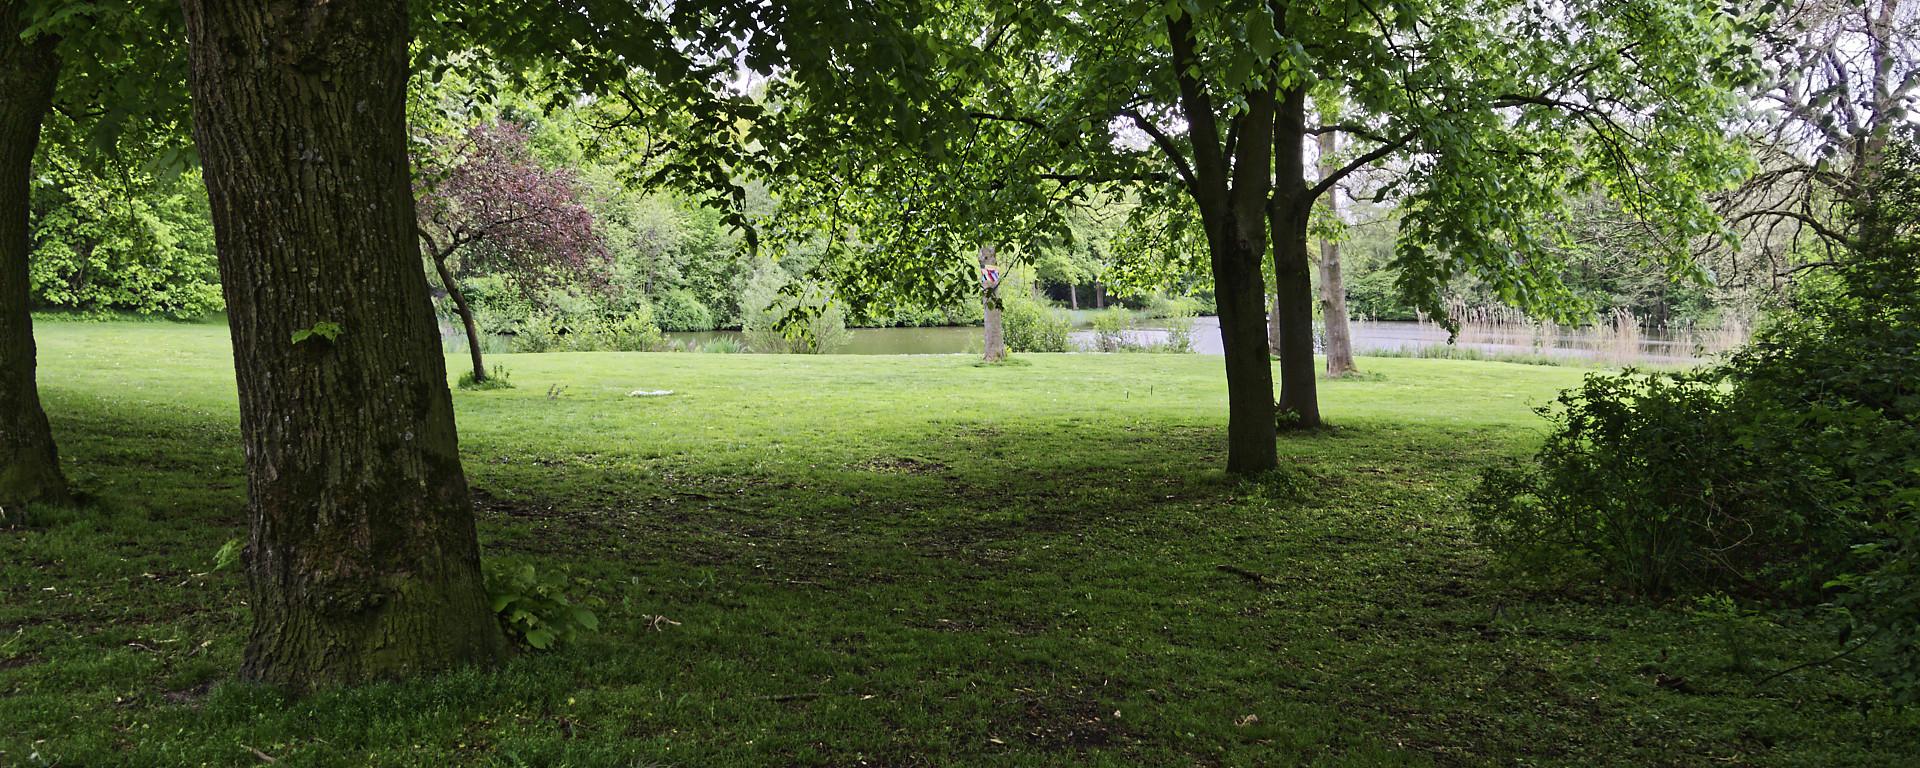 stadspark vijver met bomen en gras